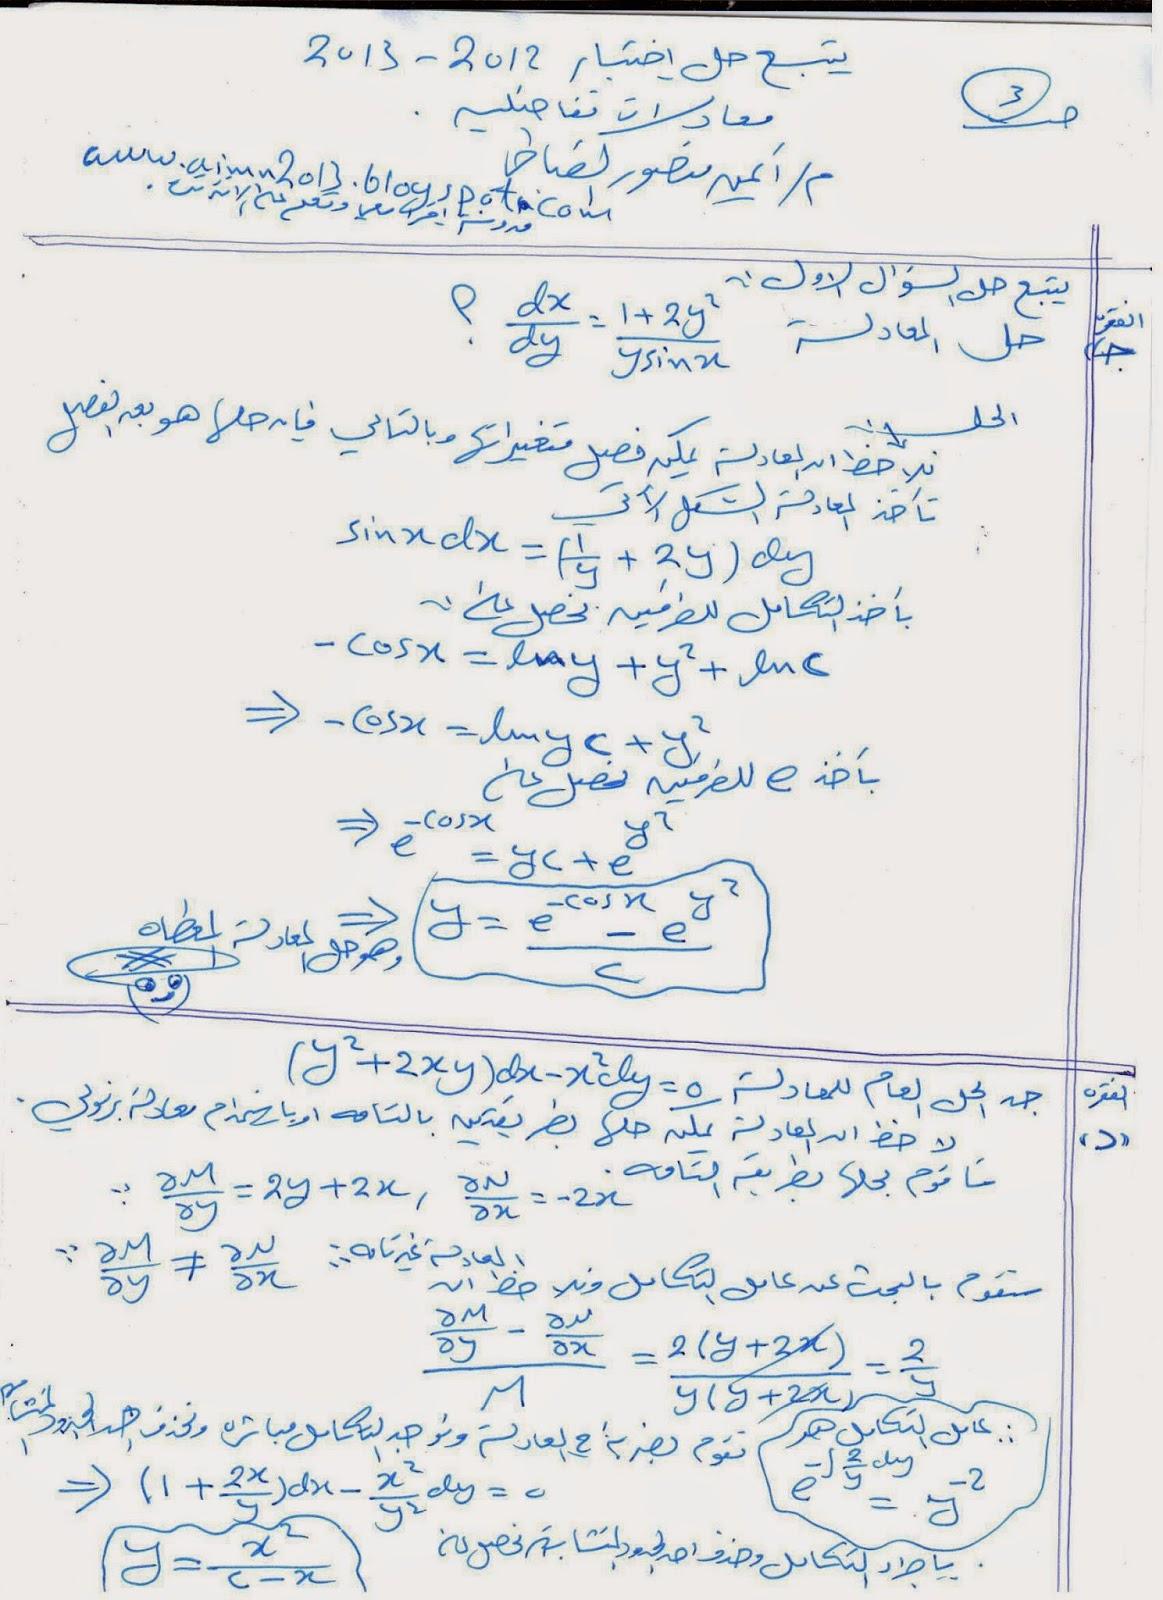 حل اختبار دكتور منير القباطي جامعة الحديدة